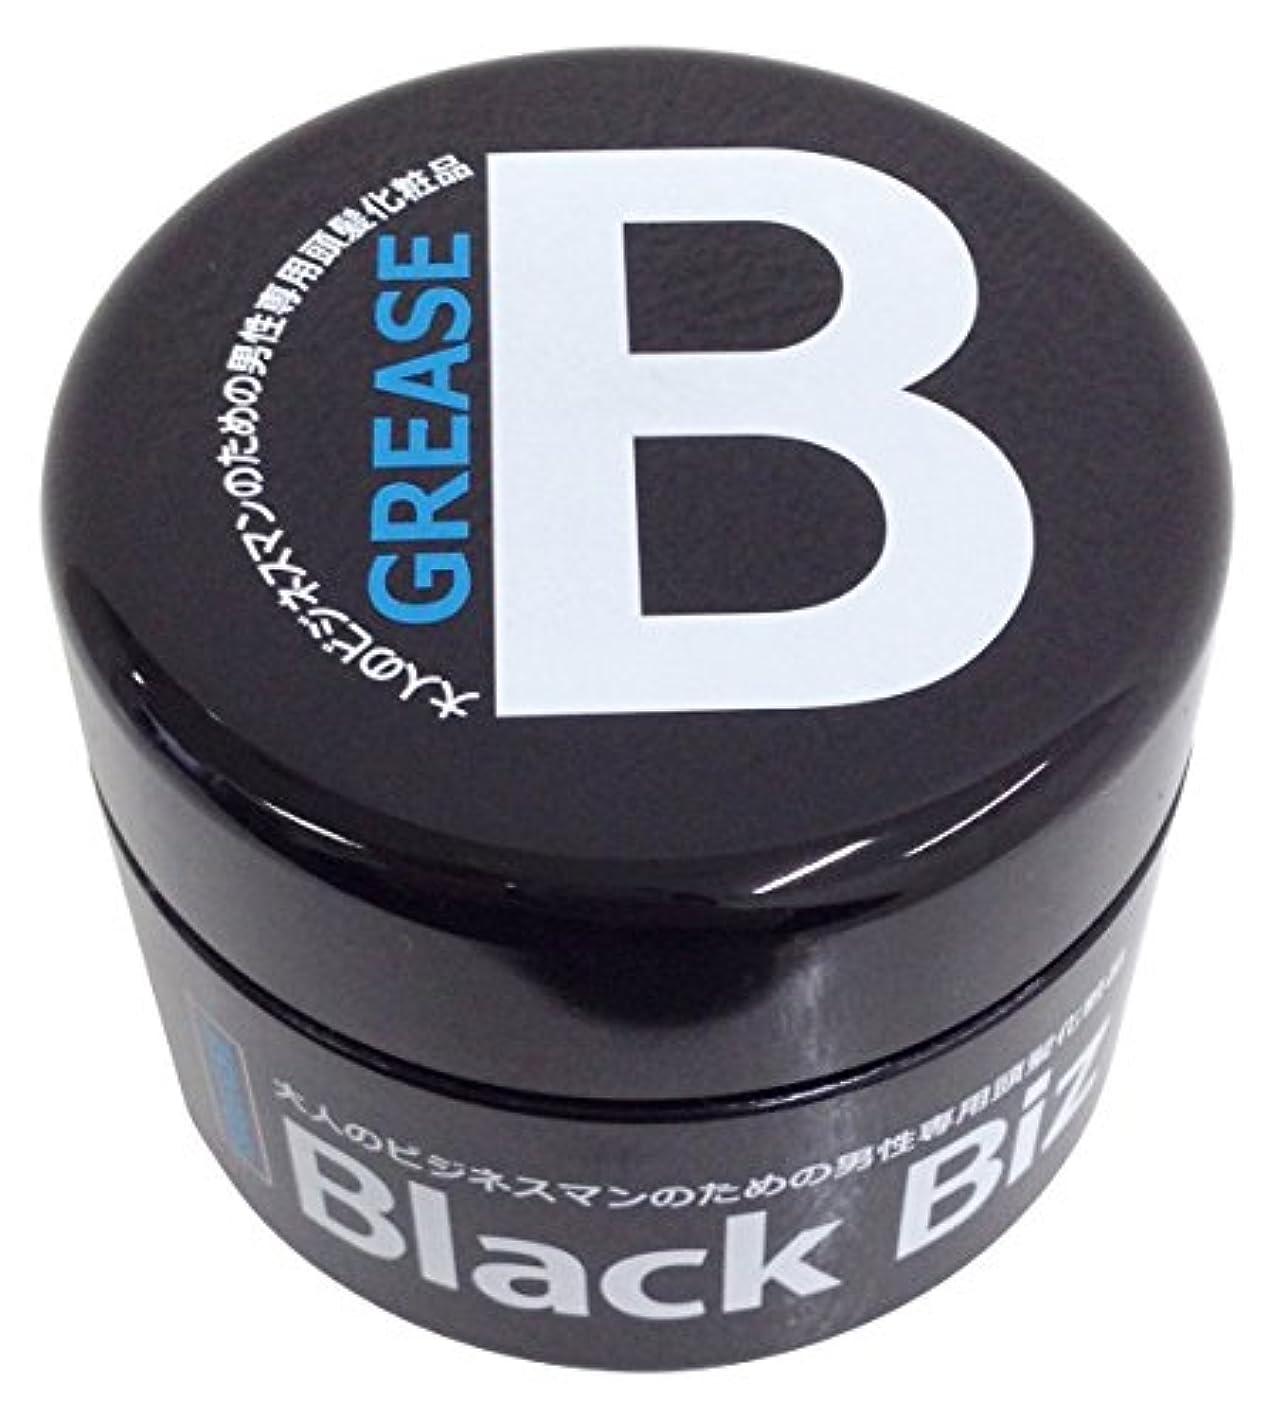 聴くちっちゃい革新大人のビジネスマンのための男性専用頭髪化粧品 BlackBiz GREASE SOFT ブラックビズ グリース ソフト